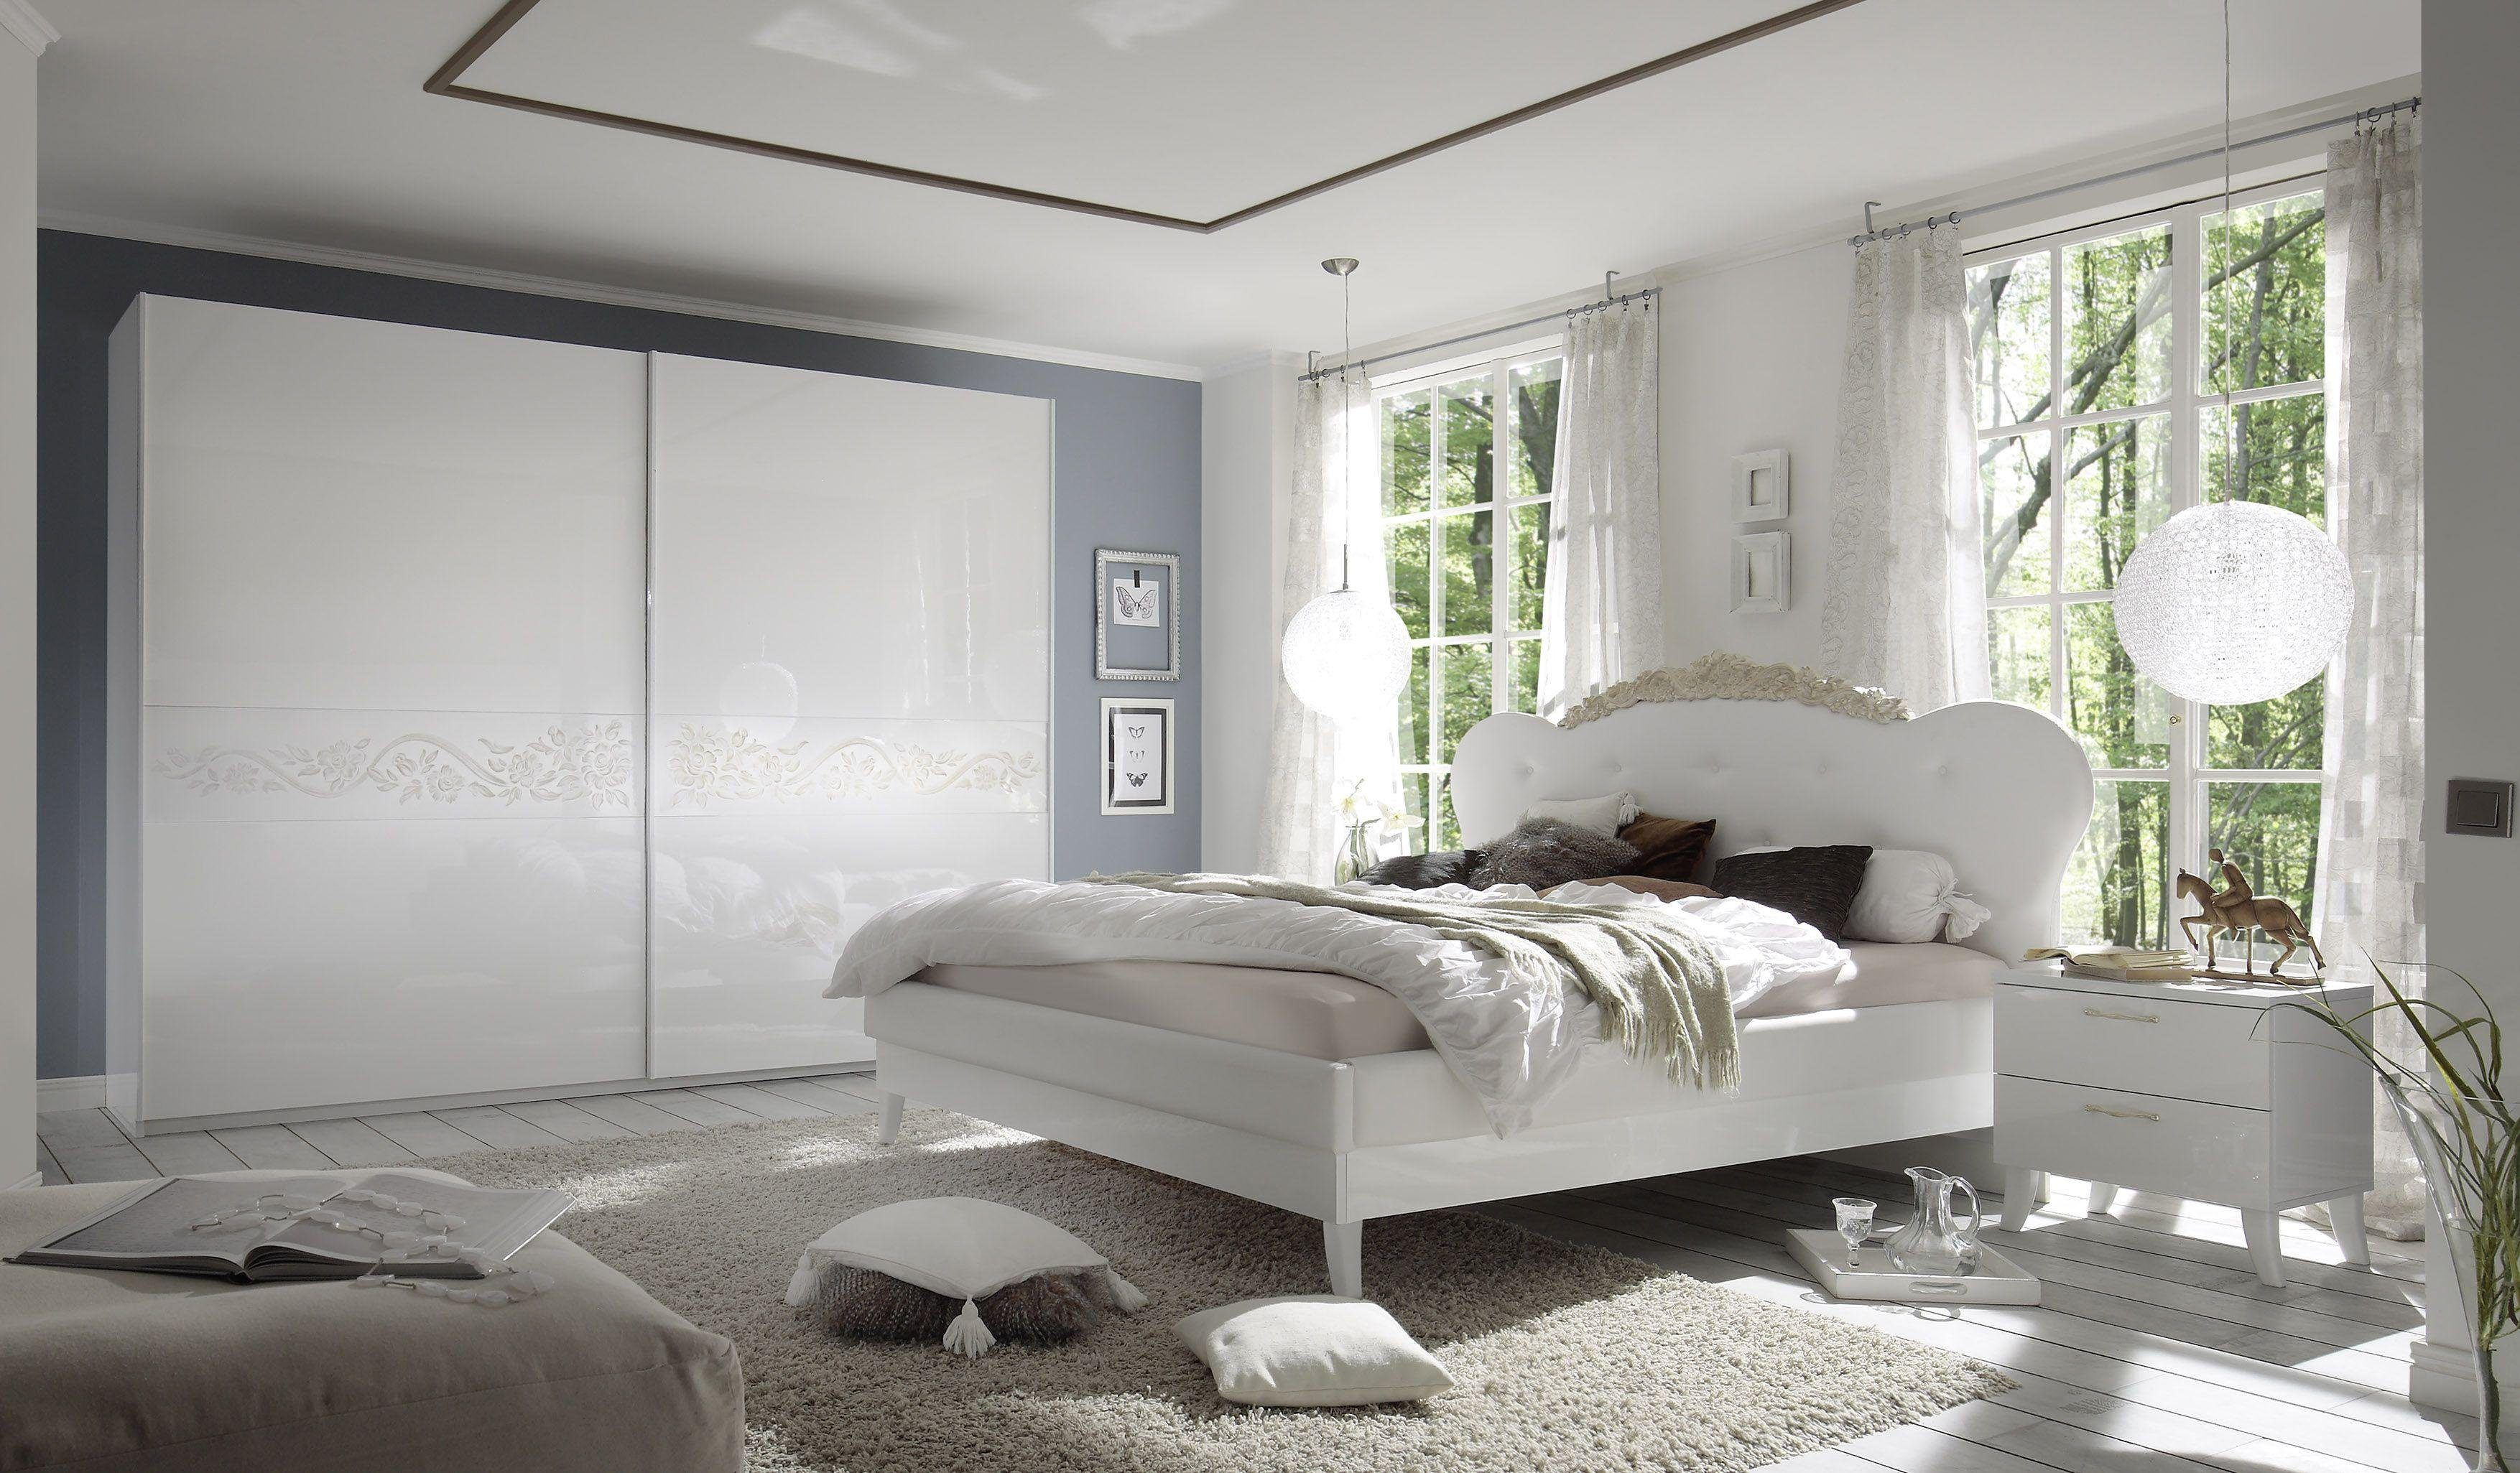 Schlafzimmer Brombeer ~ Lc schlafzimmer set tlg jetzt bestellen unter moebel